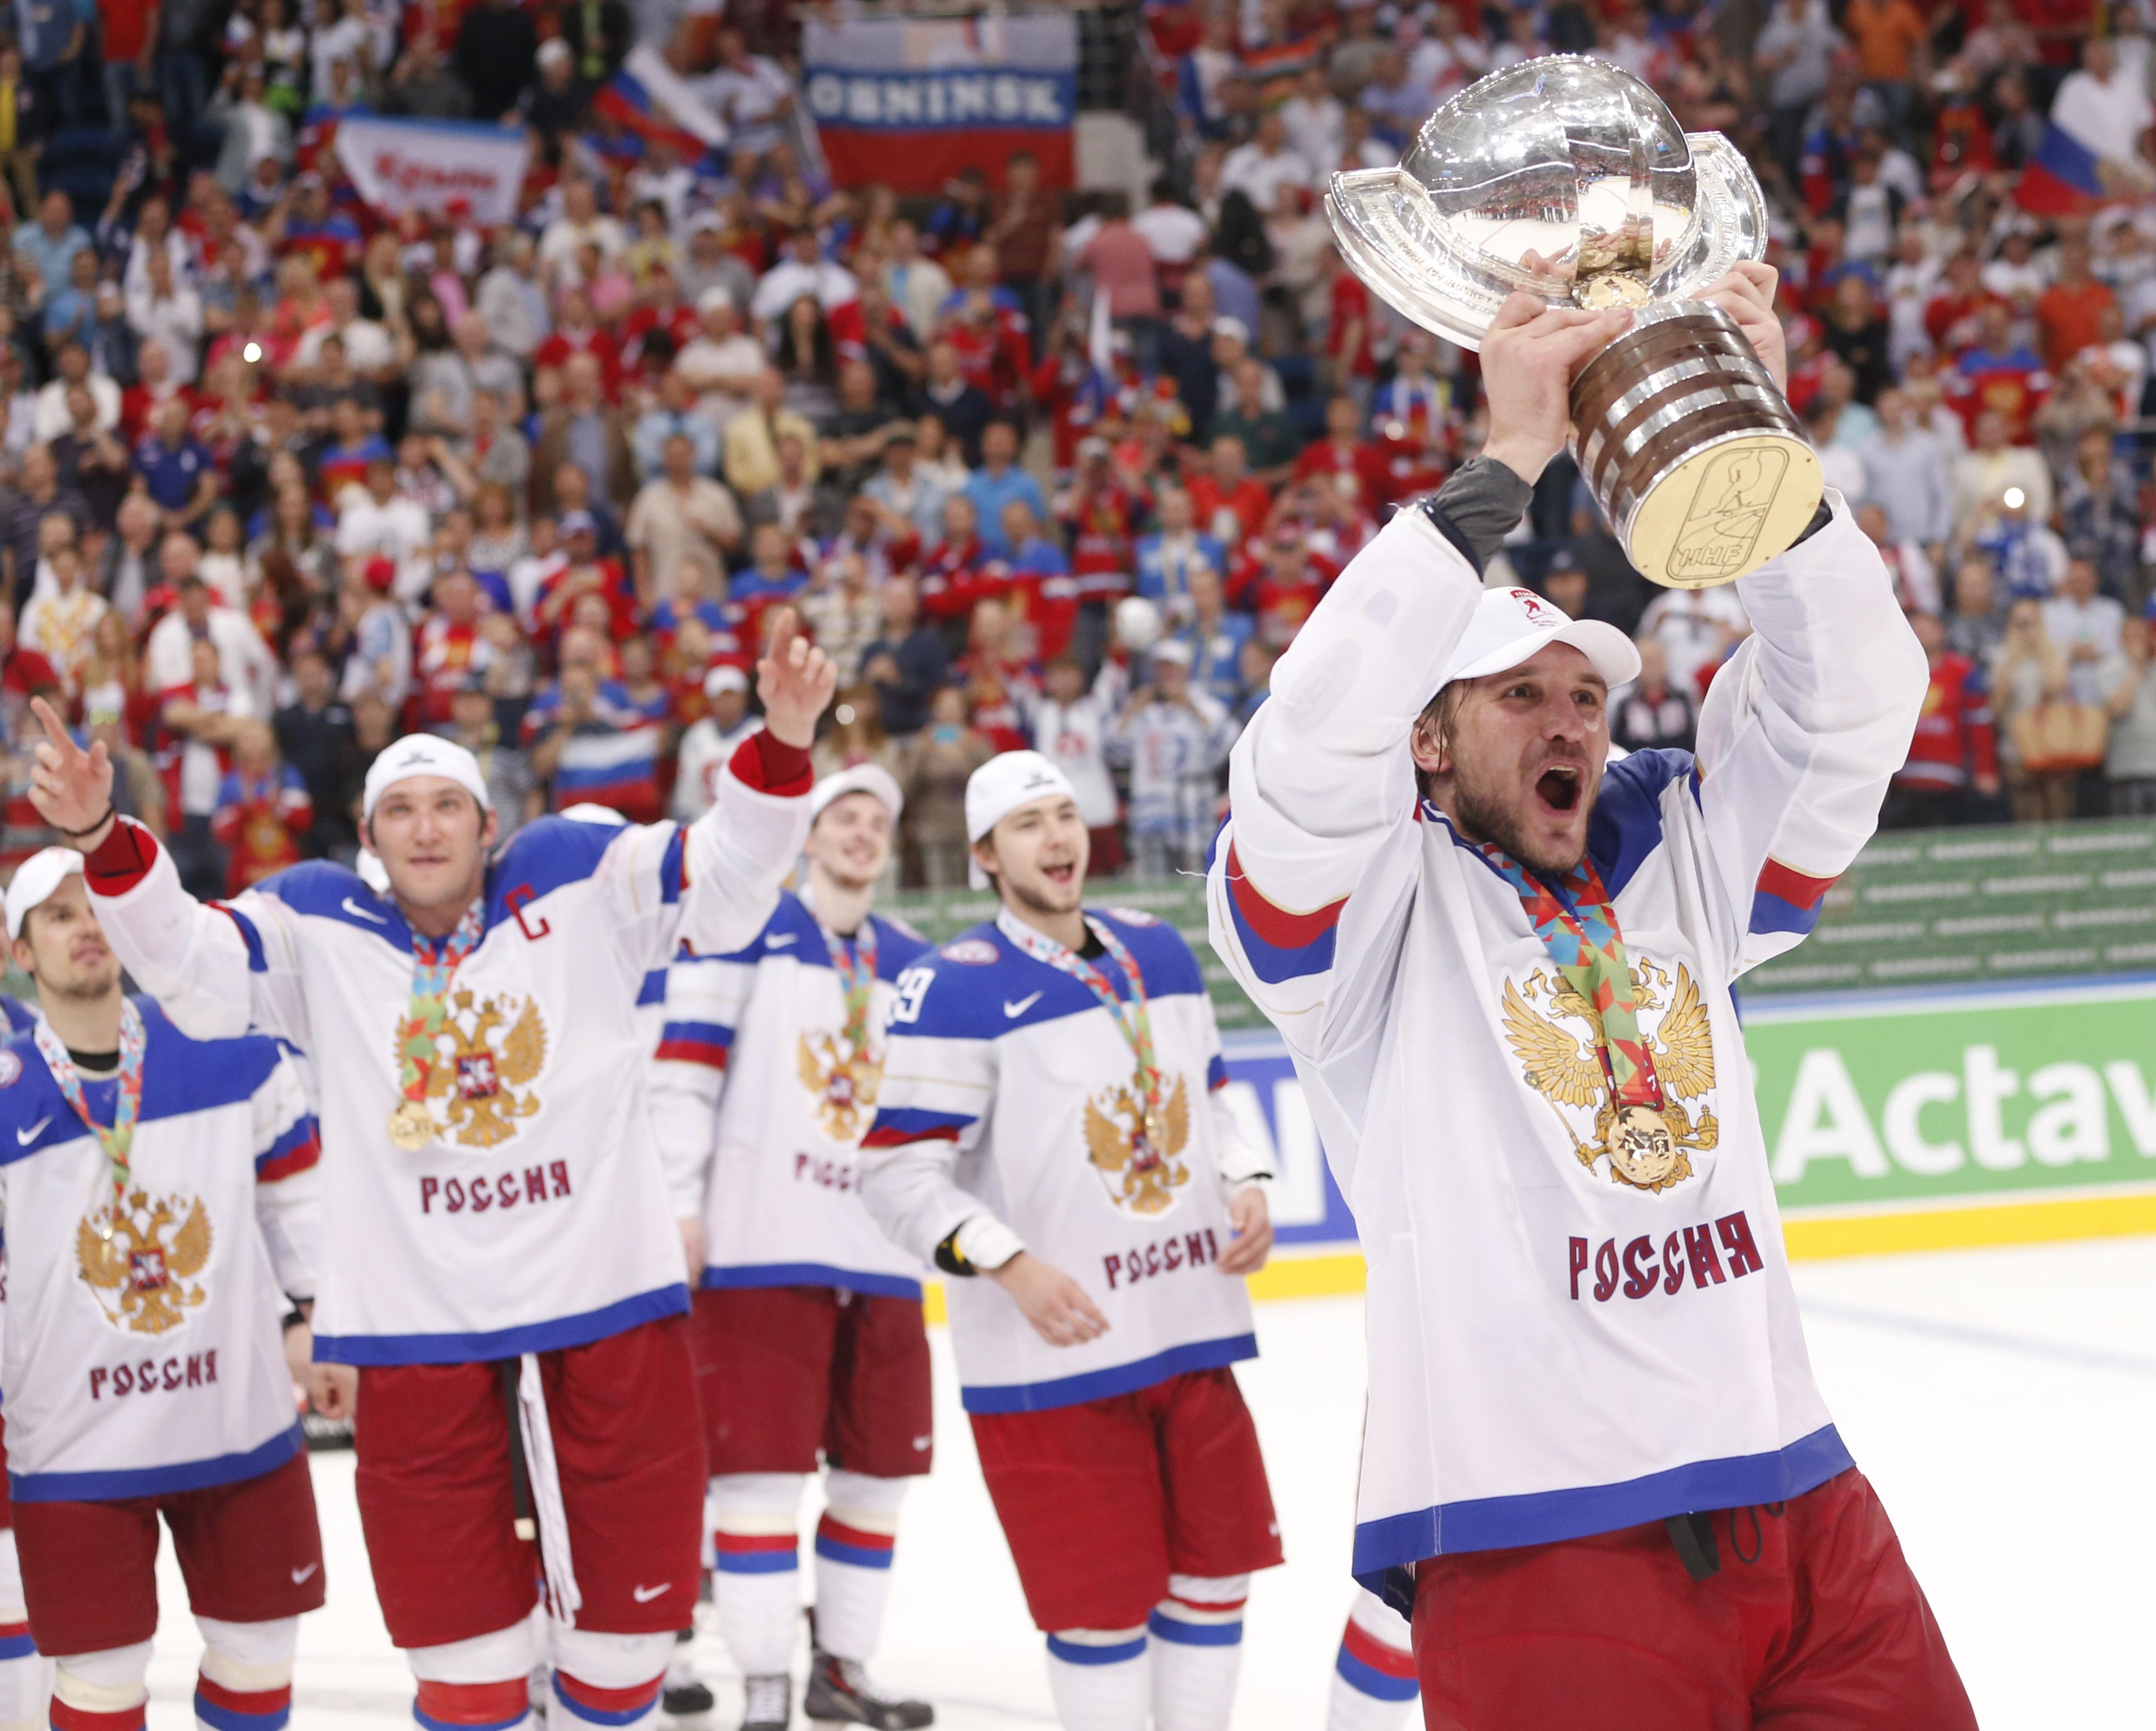 Ryska spelare firar VM-guldet i ishockey. Foto: TT